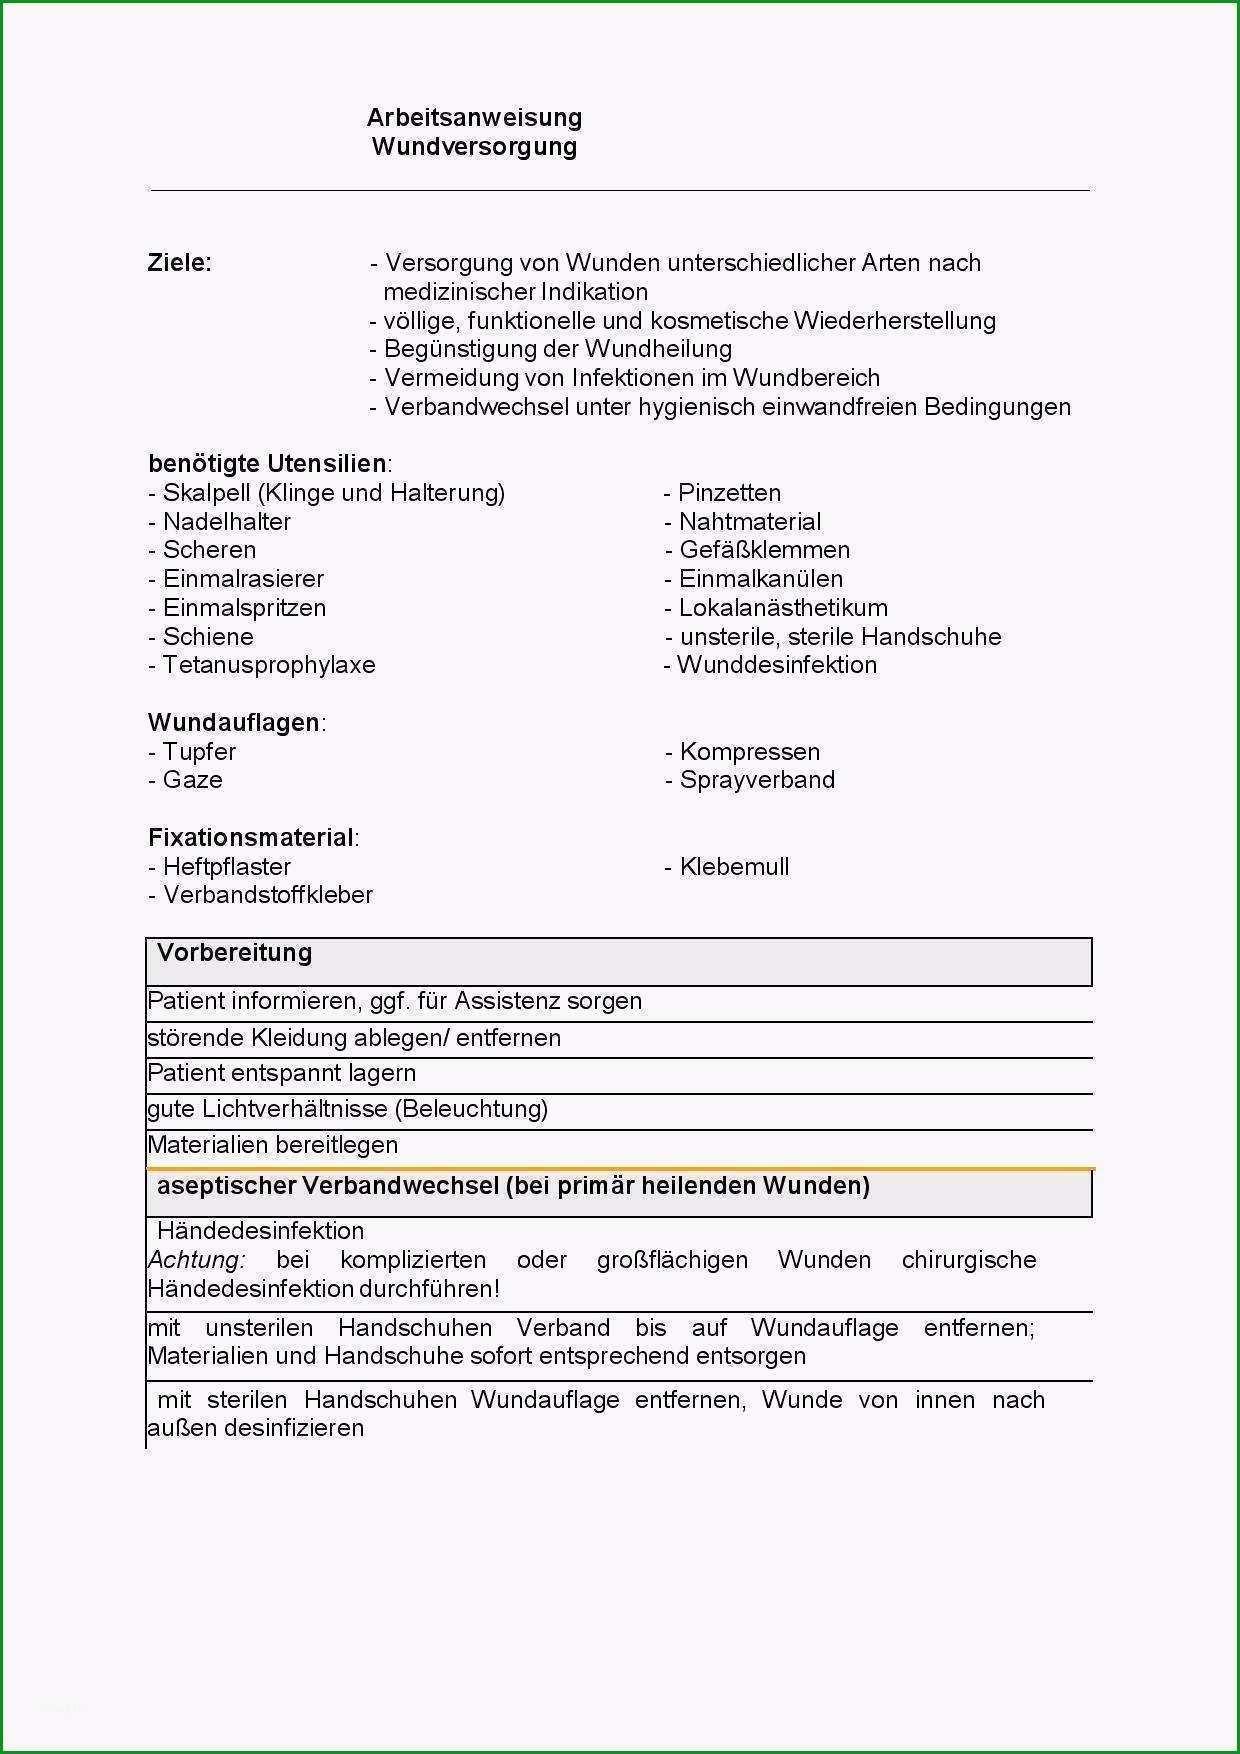 vorlage arbeitsanweisung handyverbot angenehme arbeitsanweisung blutdruck messen qualitatsmanagement